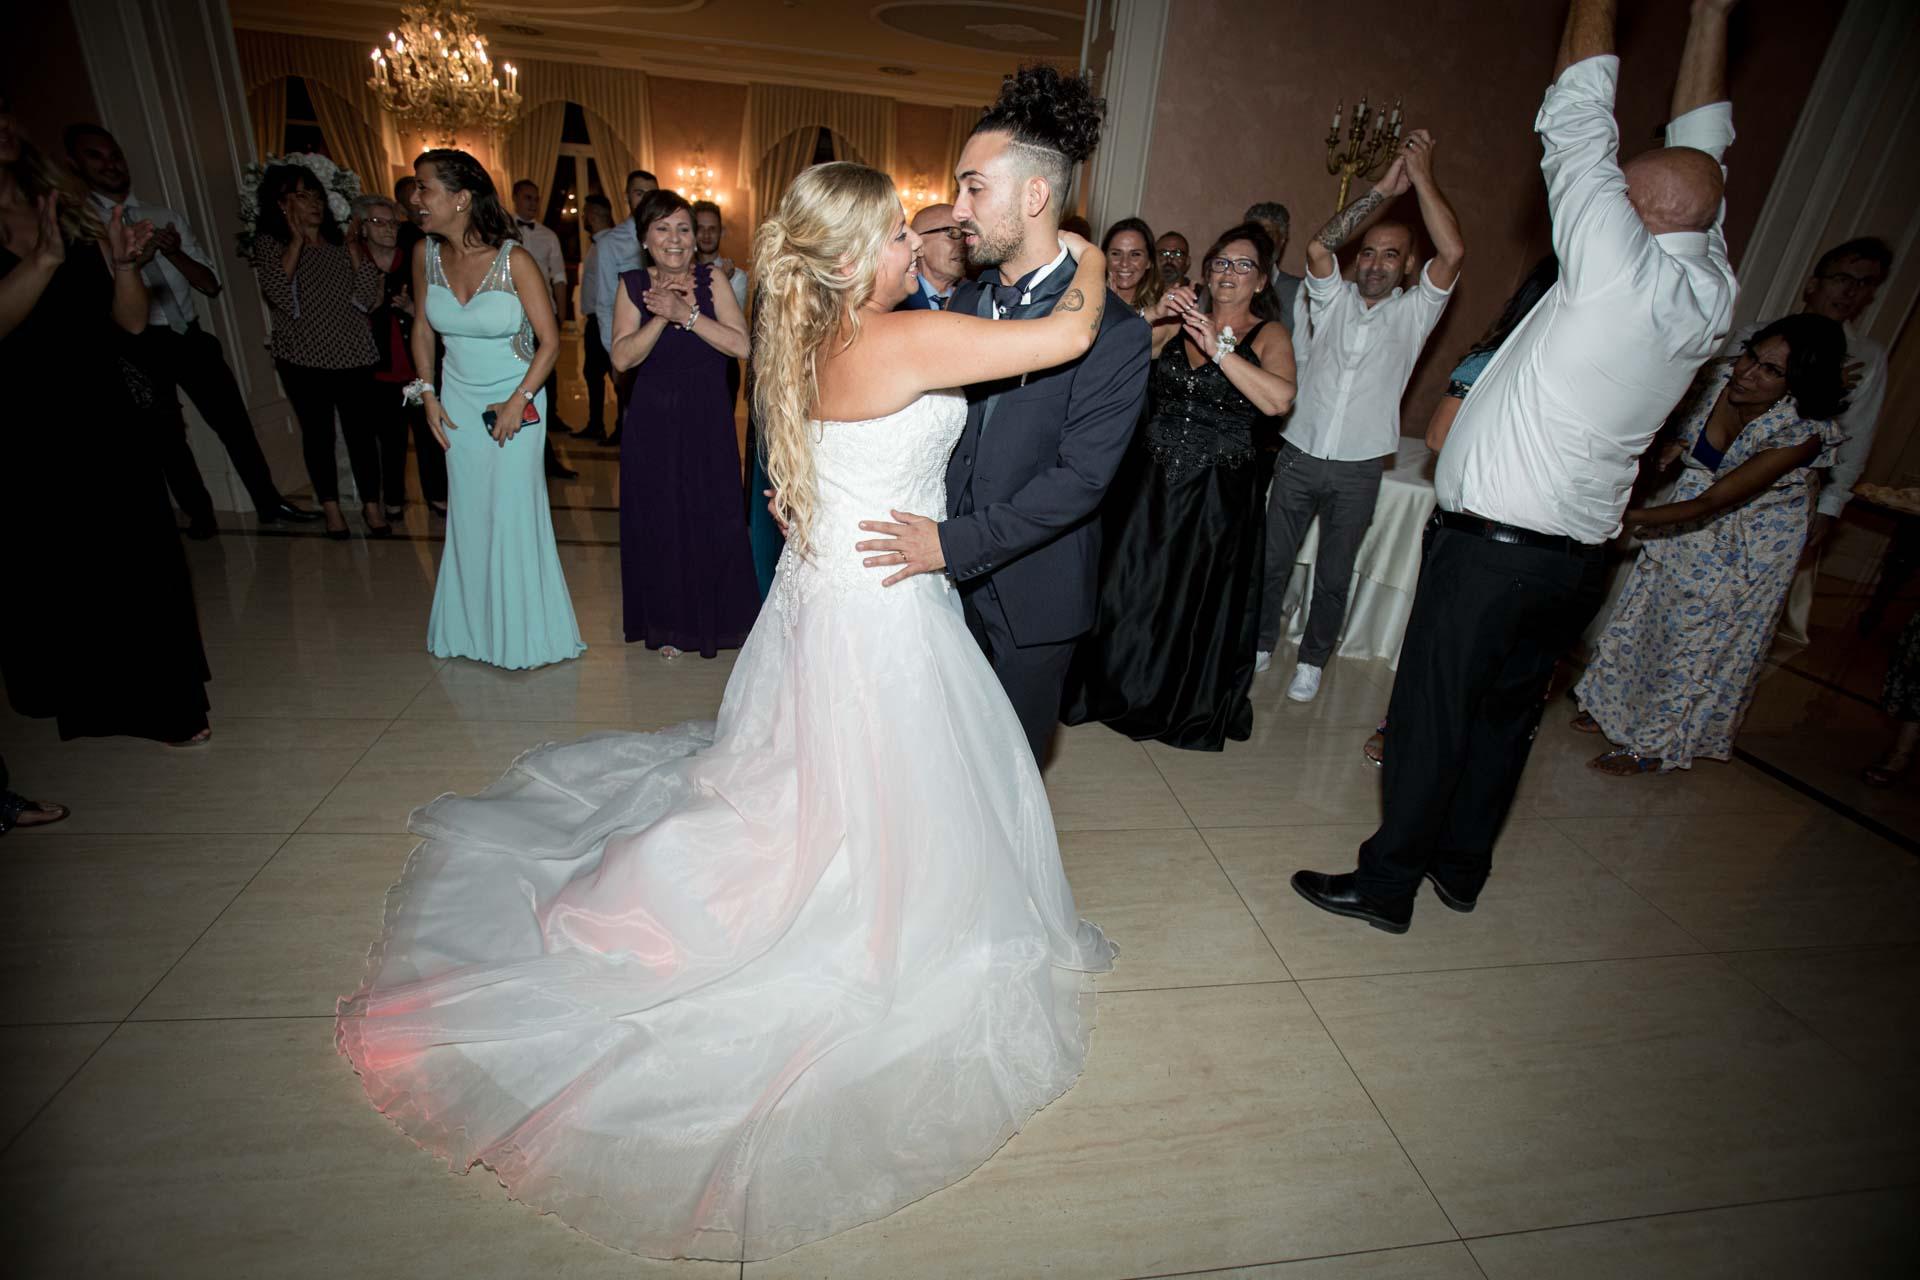 sposi ballo abbraccio ricevimento invitati